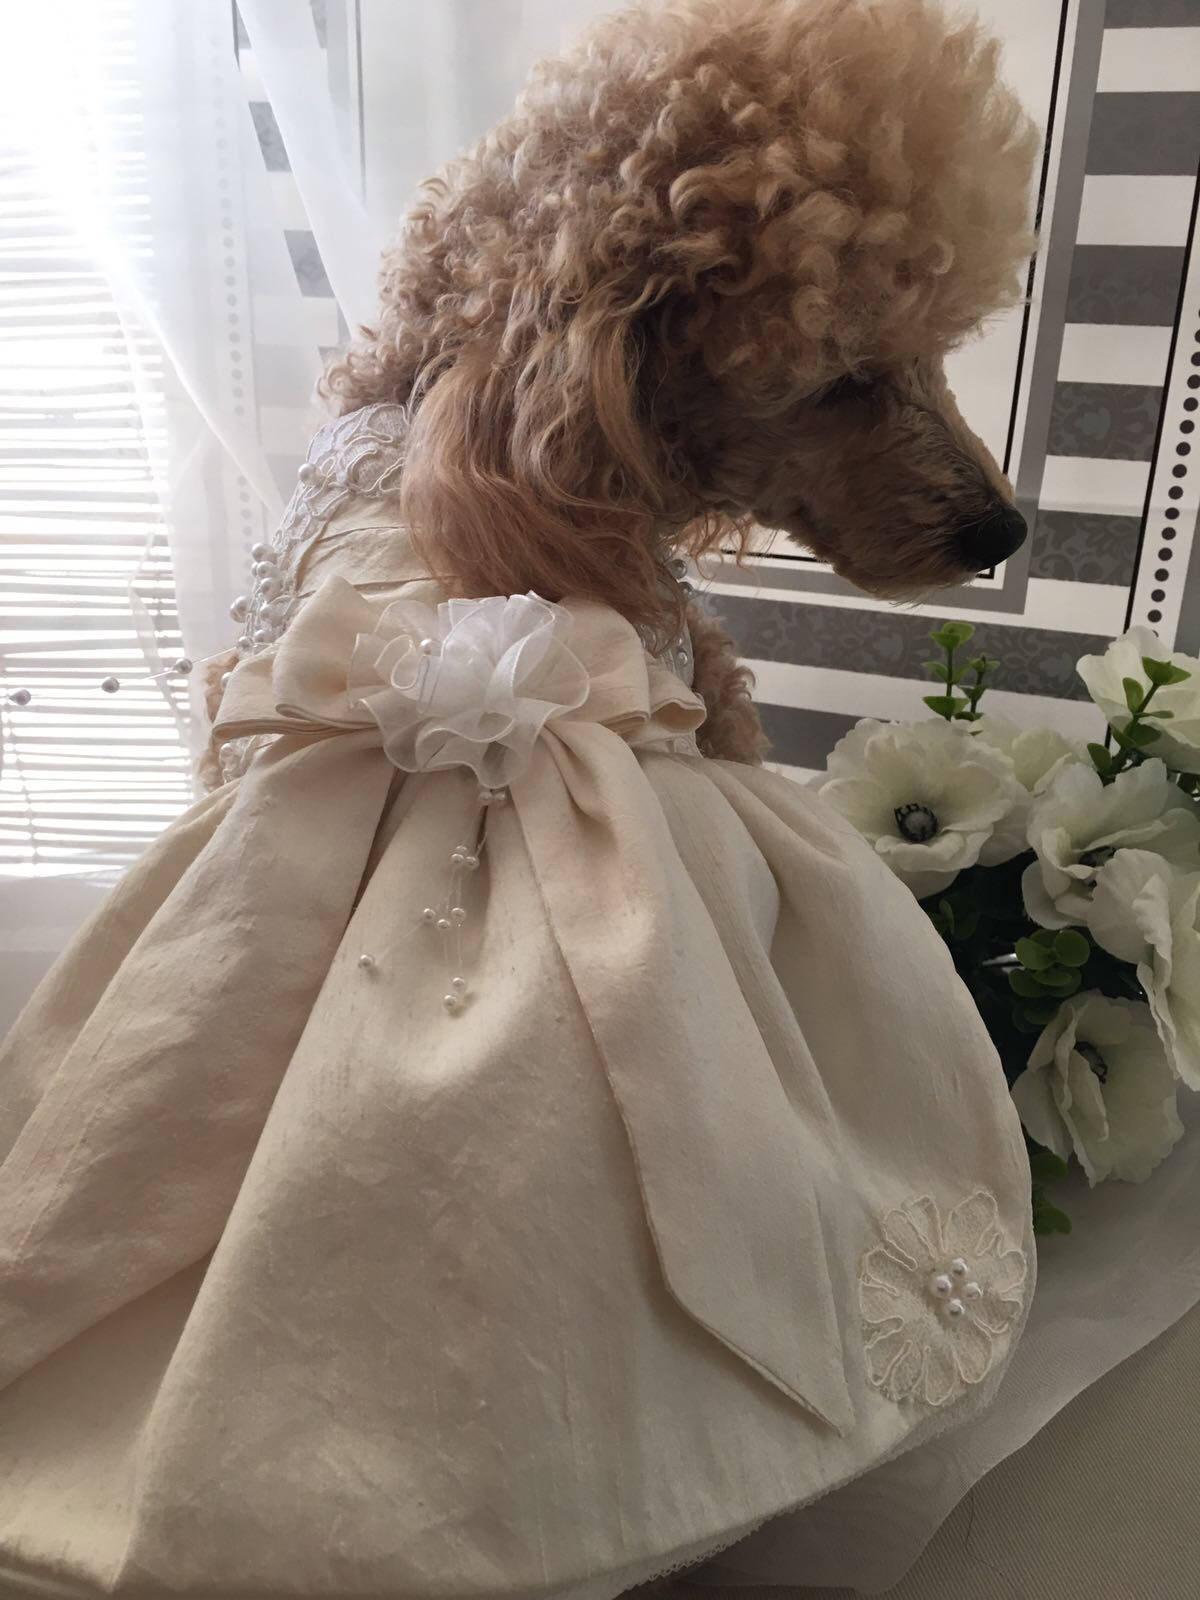 Ausgezeichnet Hunde Brautkleider Bilder - Brautkleider Ideen ...